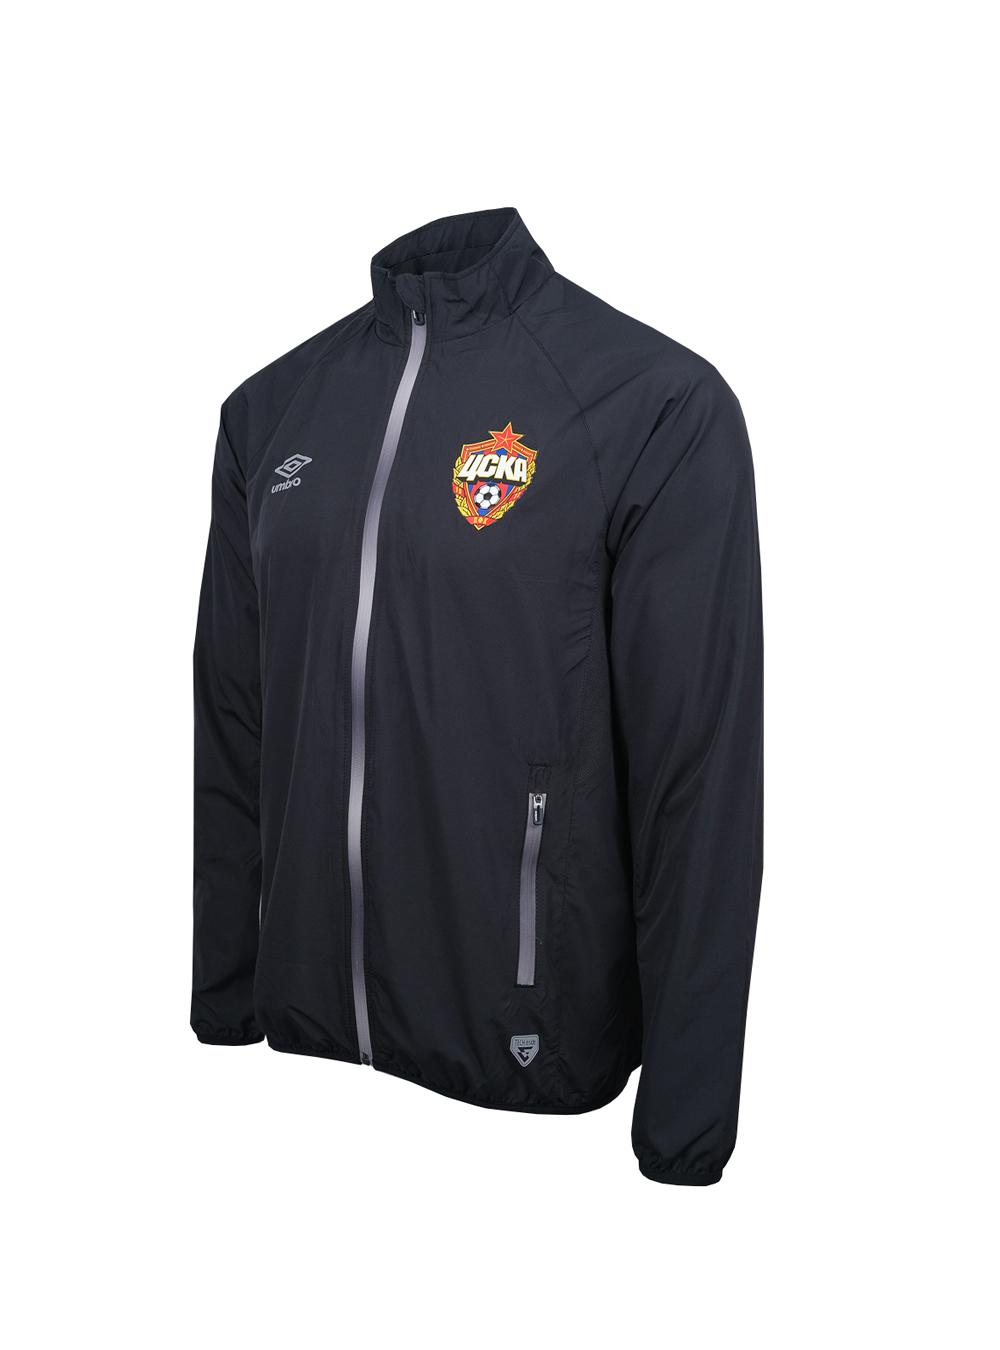 Купить Костюм парадный (куртка), черный/серебро (S) по Нижнему Новгороду